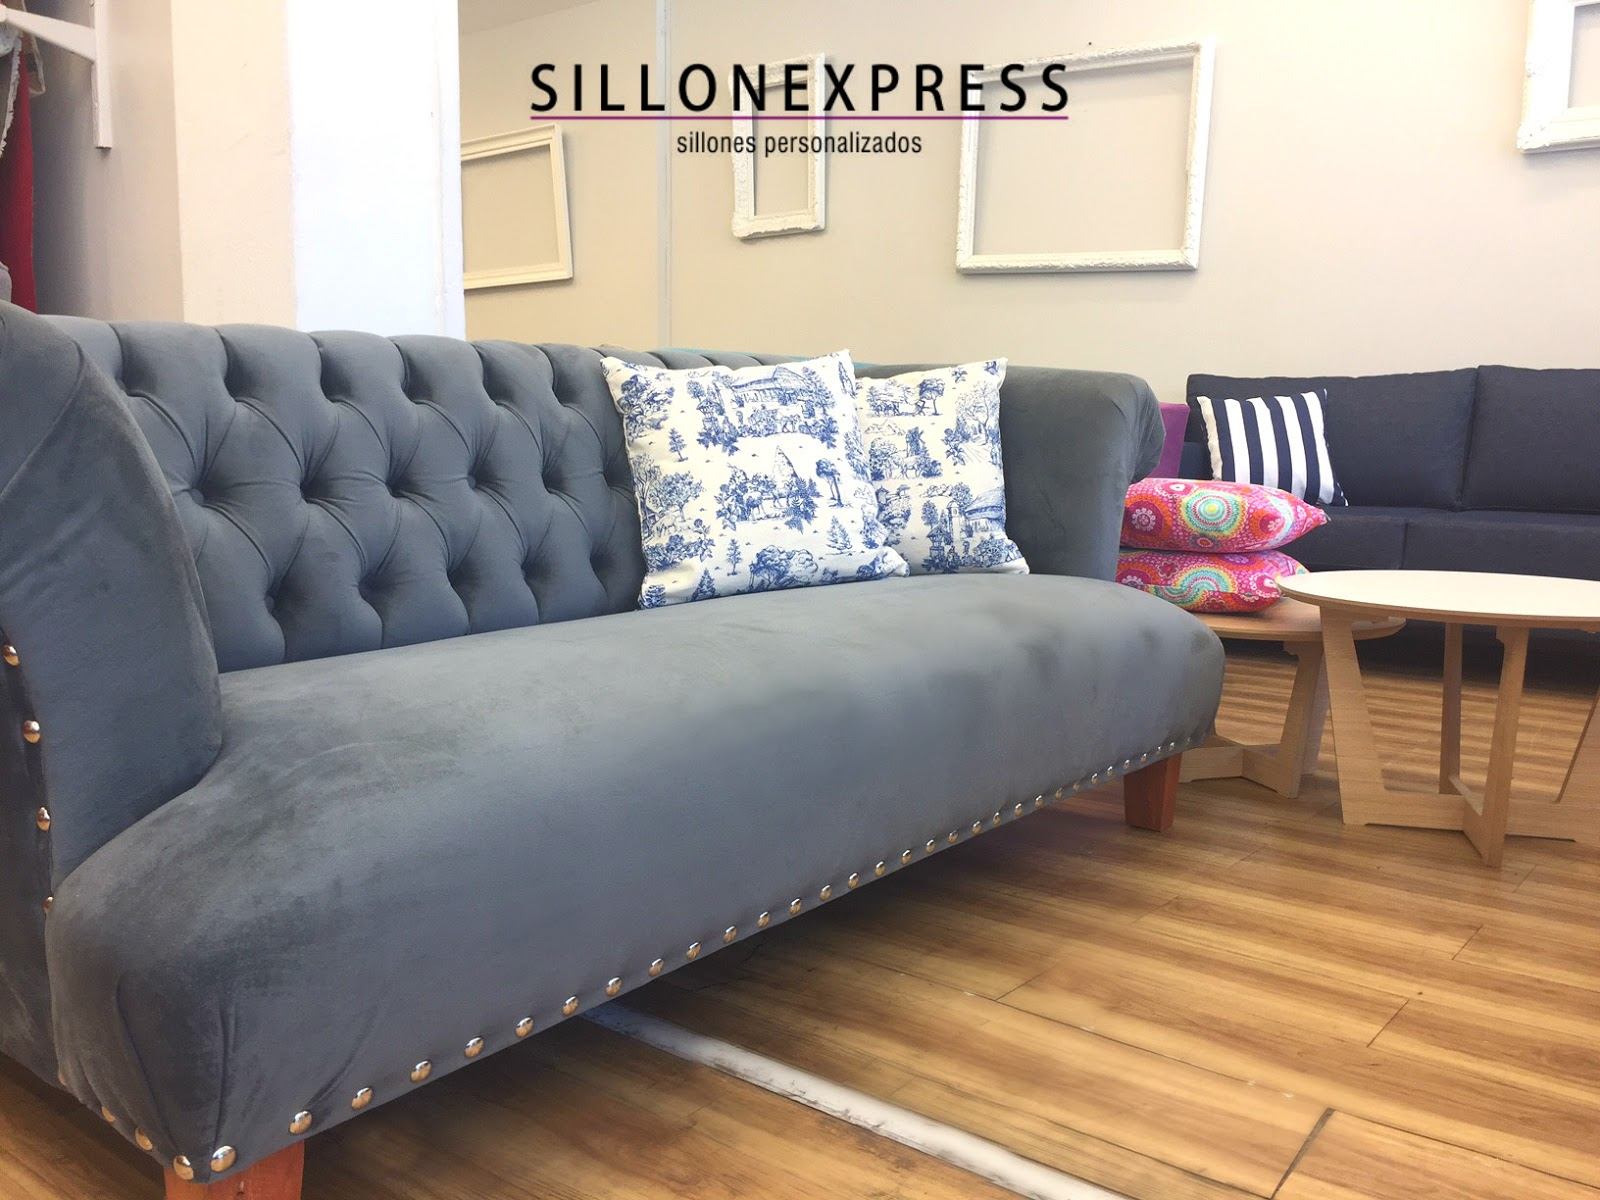 sofa modernos 2017 peacock sillonexpress abril sillon chelsea chester moderno